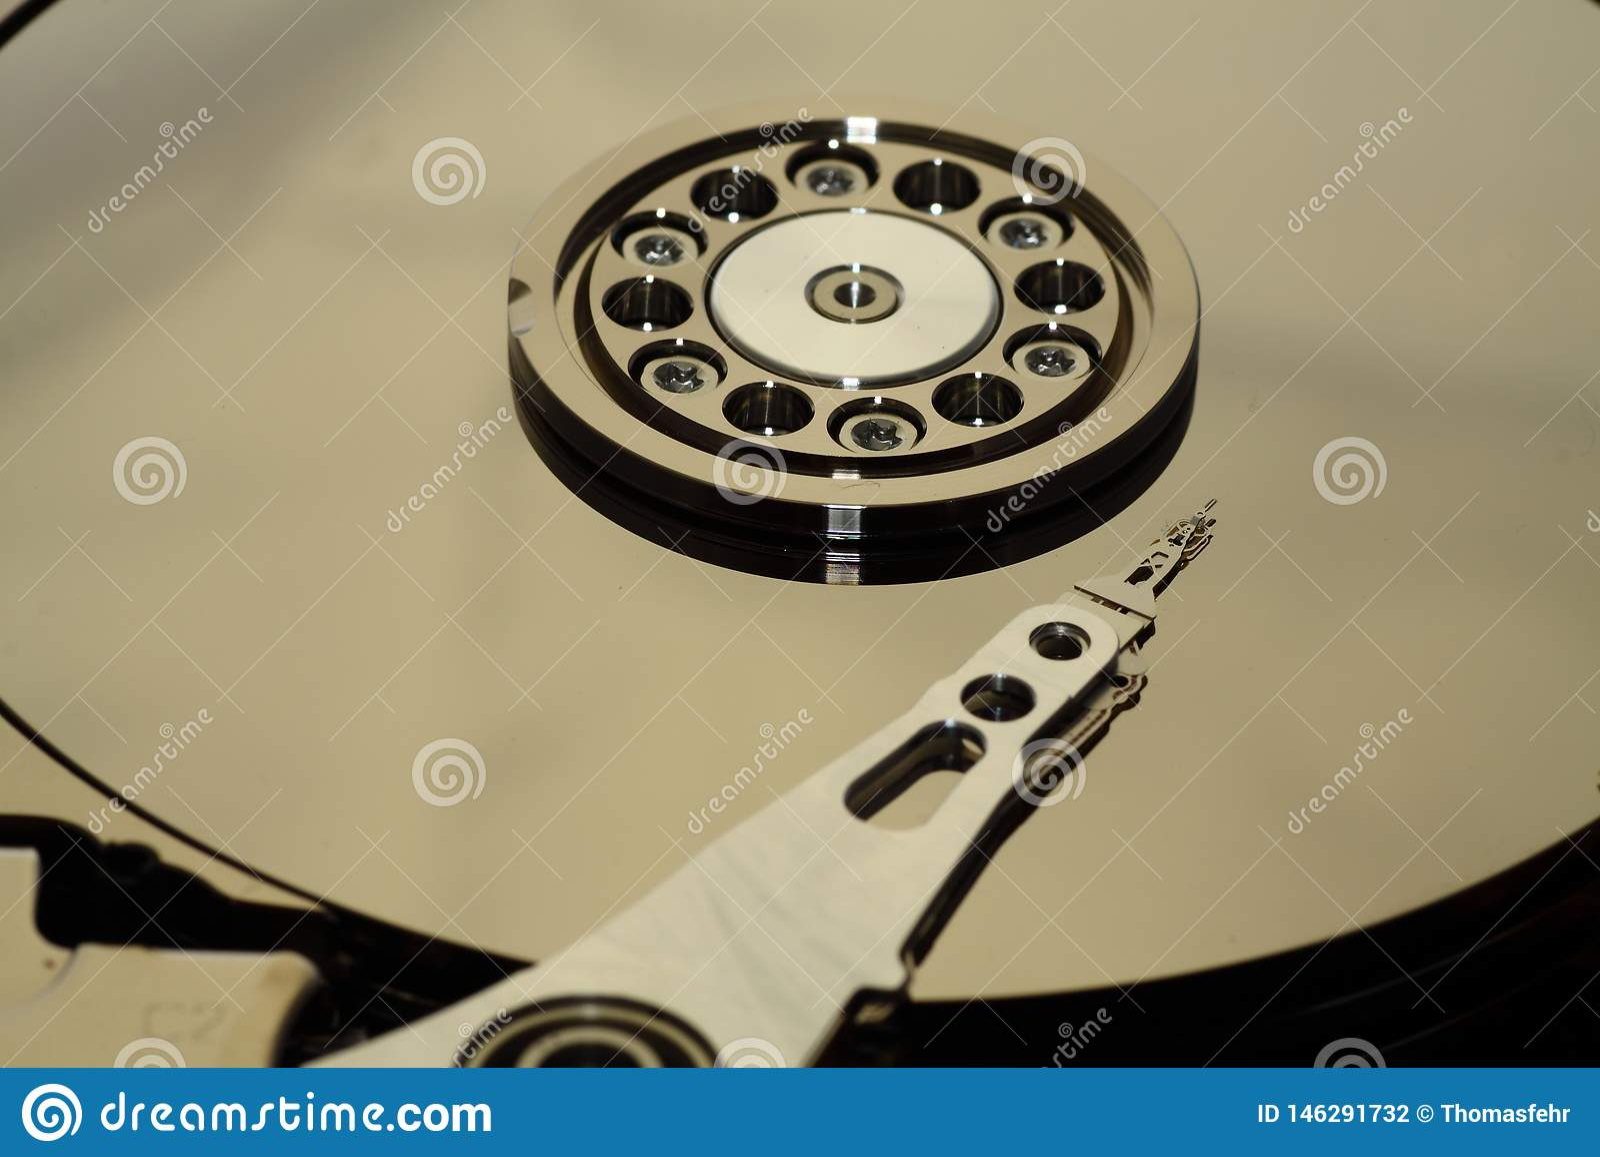 Inside a open HDD